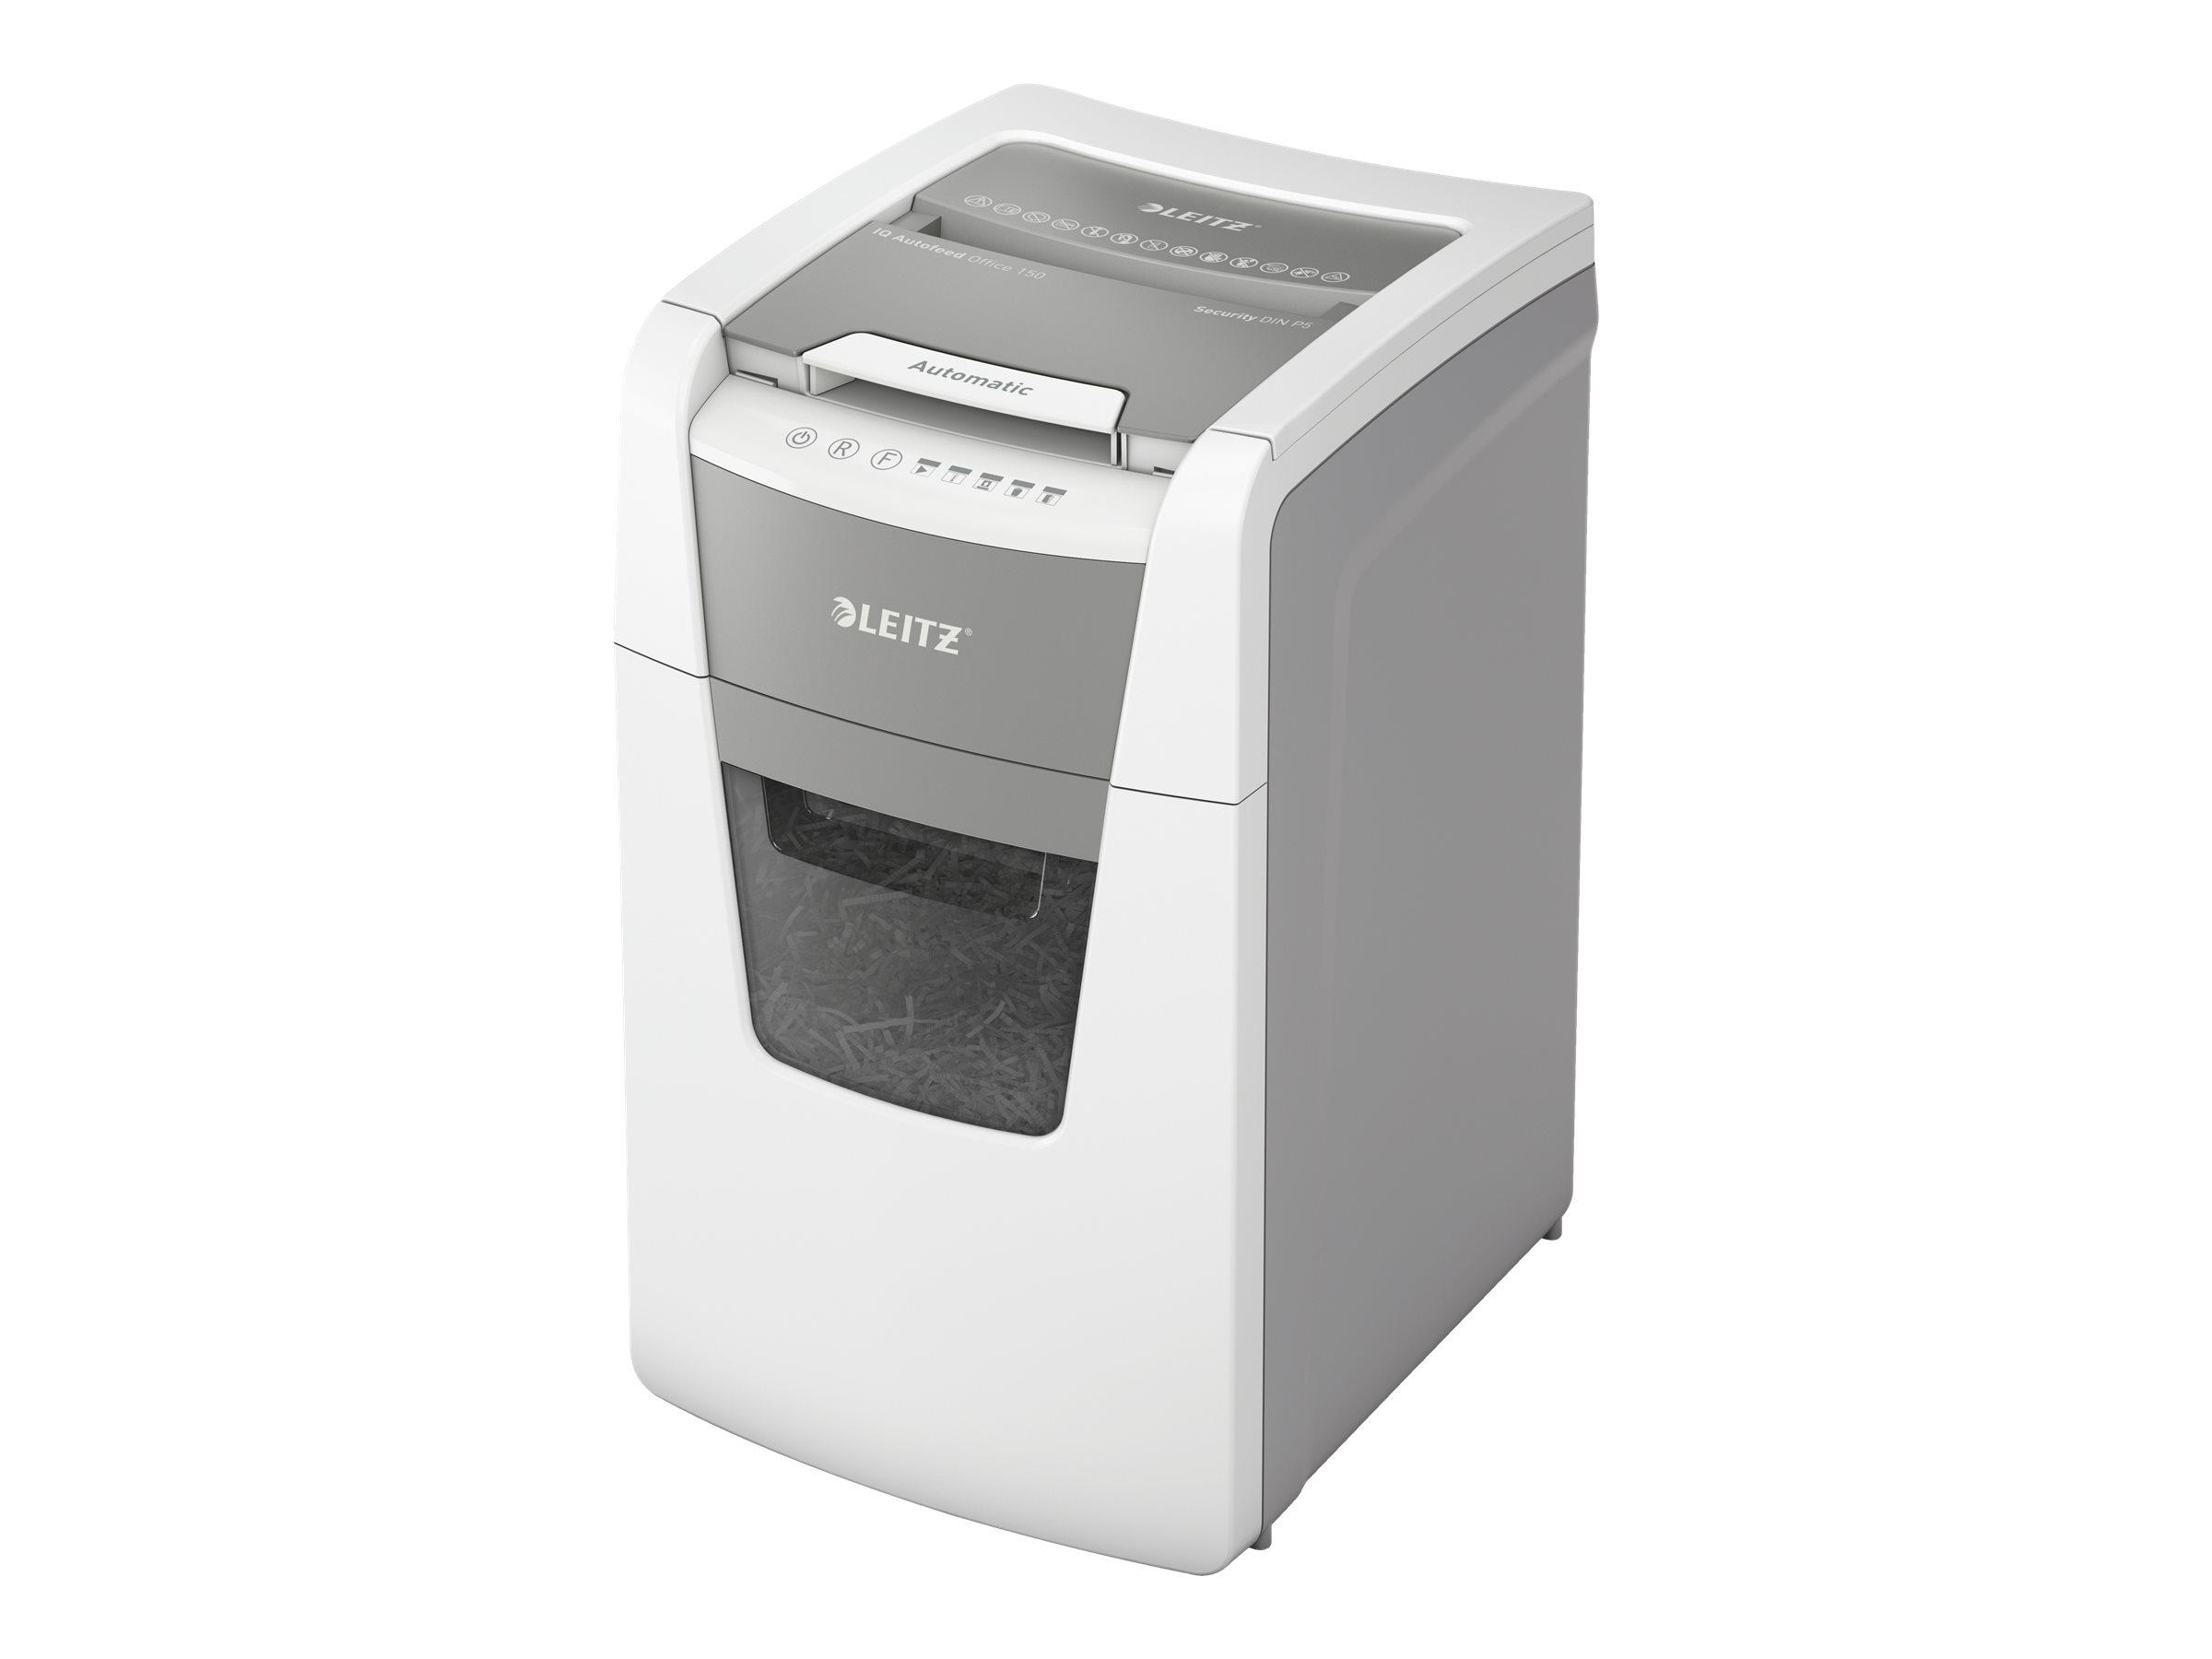 Leitz IQ AutoFeed Office 150 P5 - Vorzerkleinerer - Mikroschnitt - 2 x 15 mm - P-5